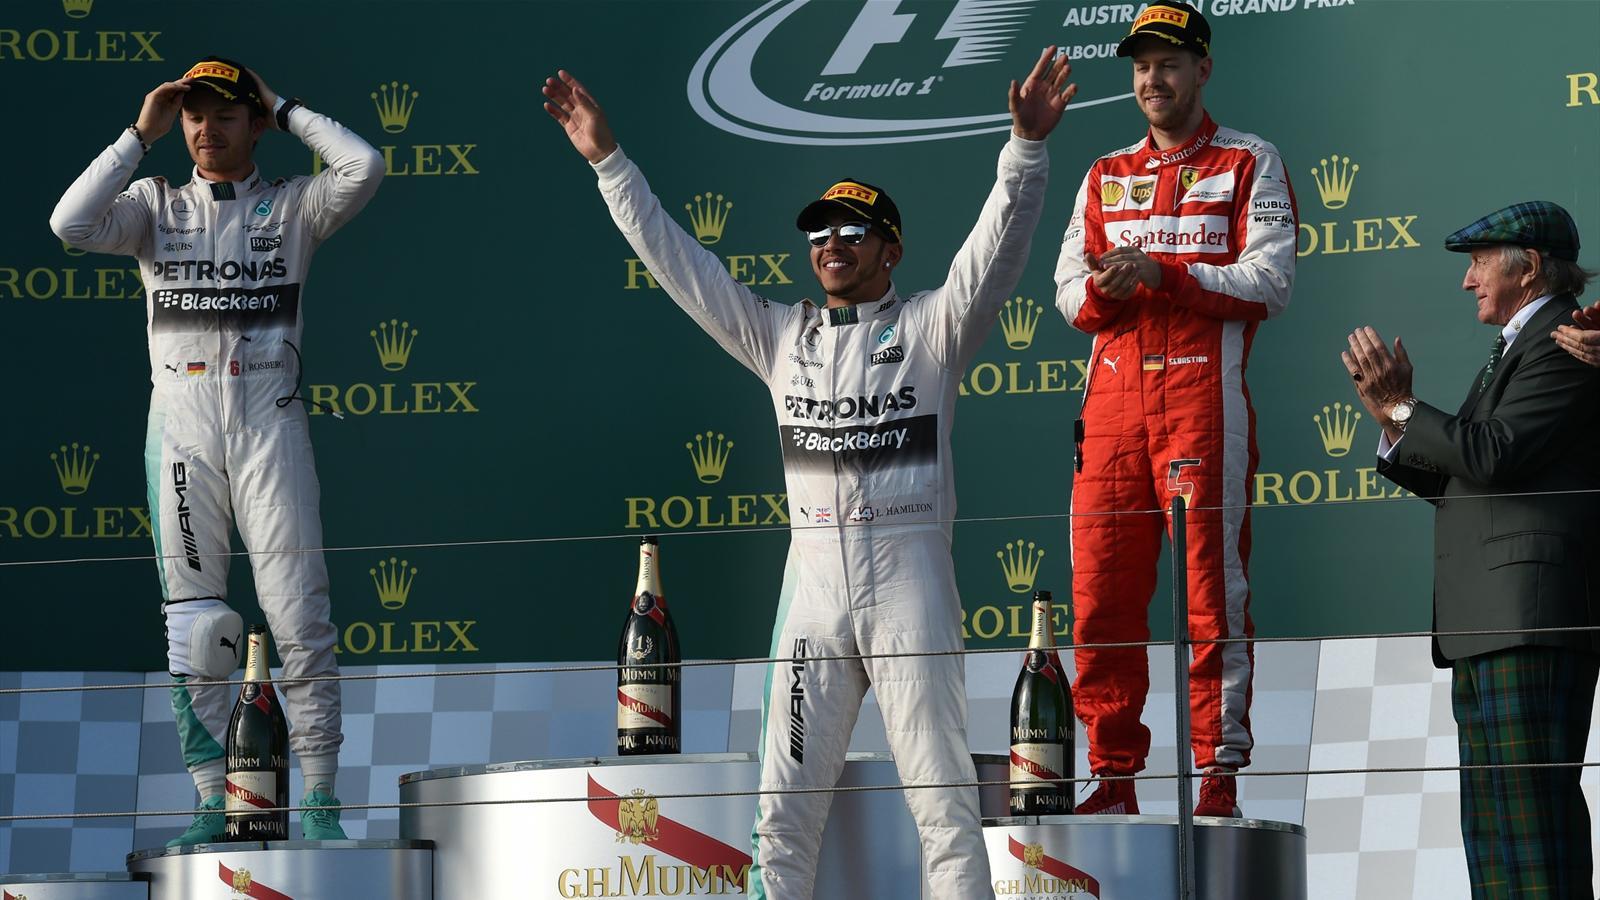 Spécial Sebastian Vettel (Formule un) - Page 12 1436334-30723574-1600-900